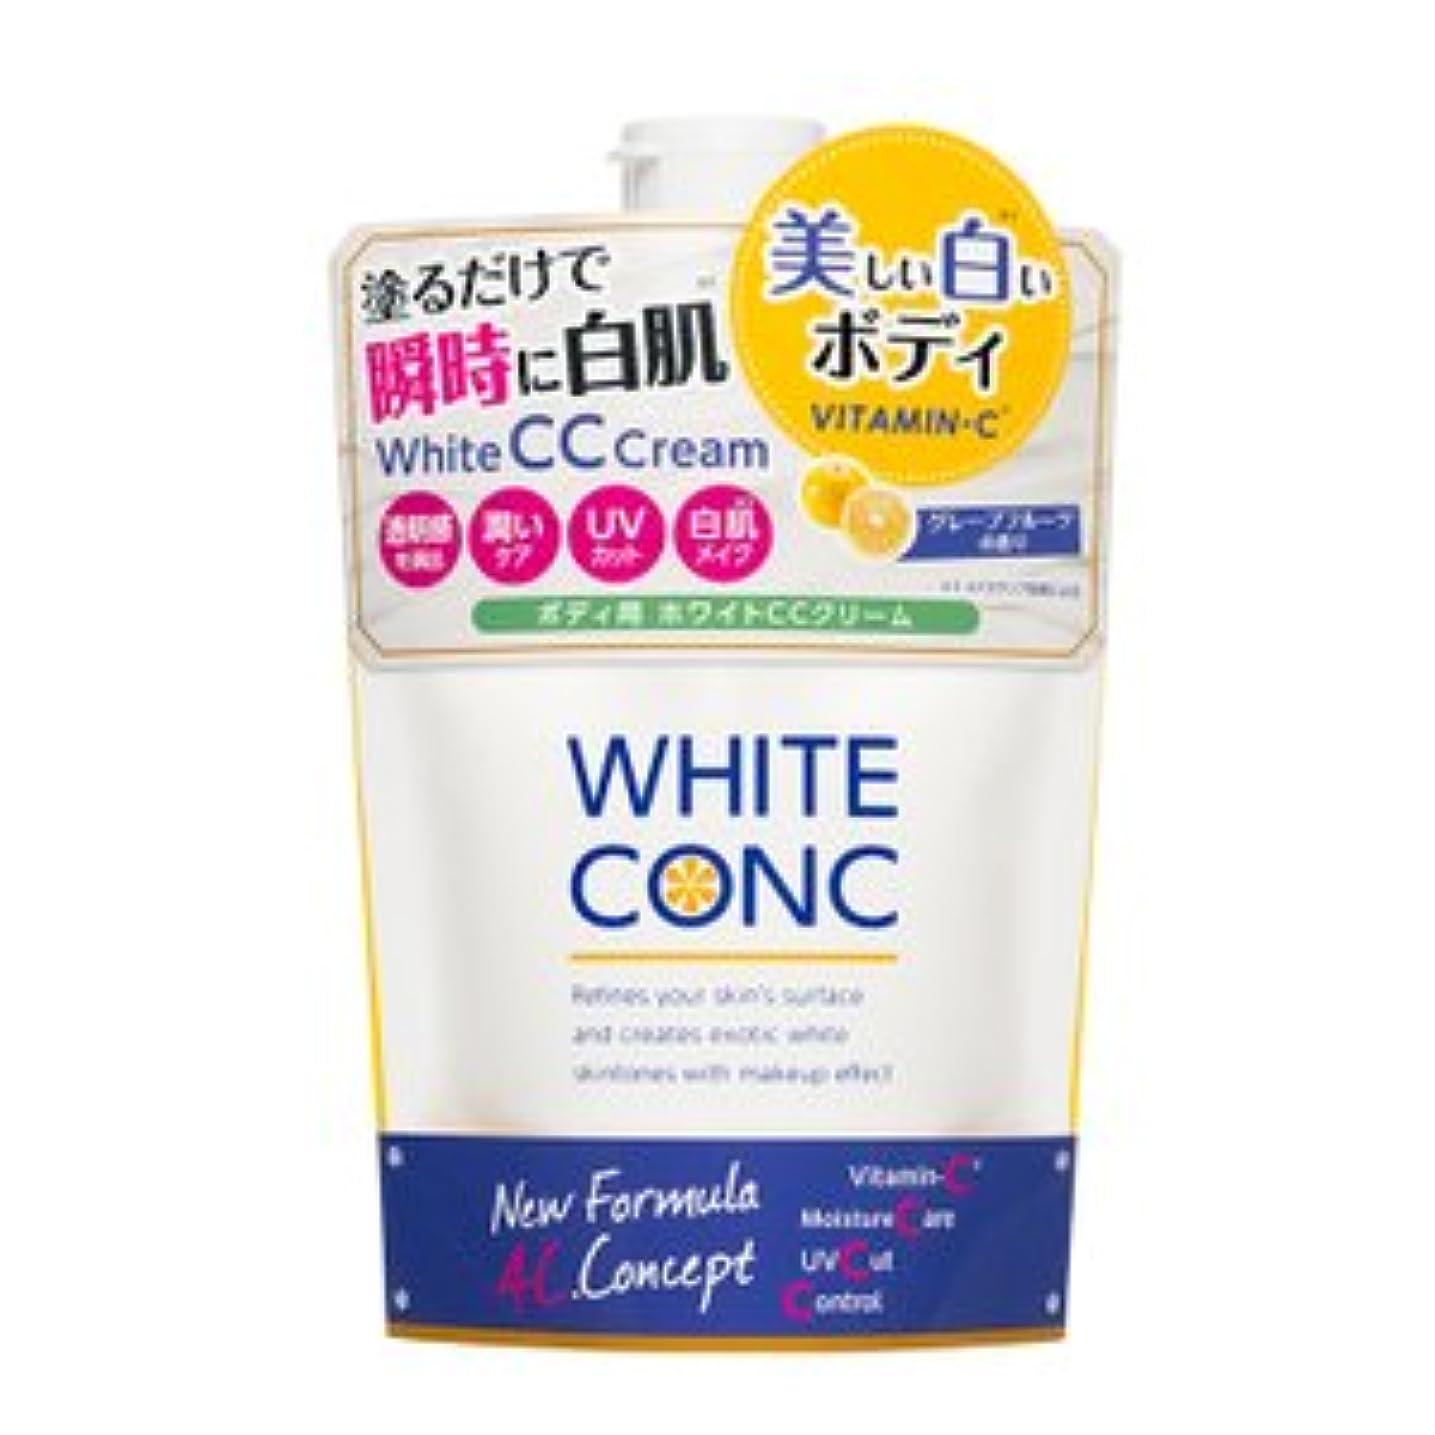 分離型他の日薬用ホワイトコンクホワイトCCクリーム 200g